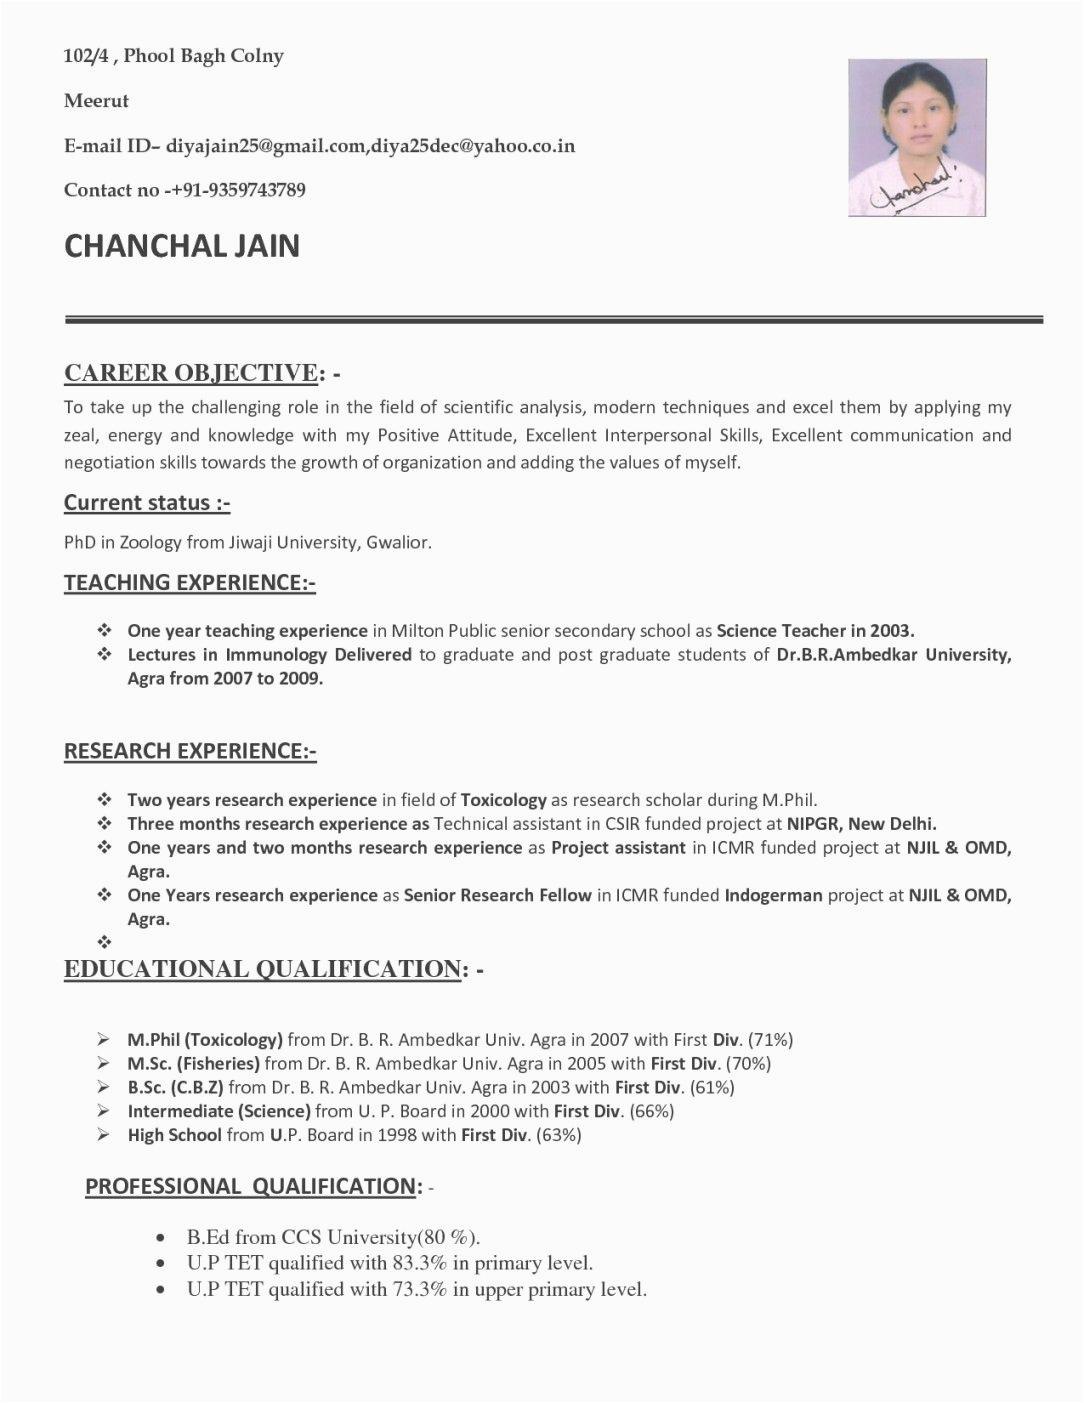 resume for fresher teacher job application